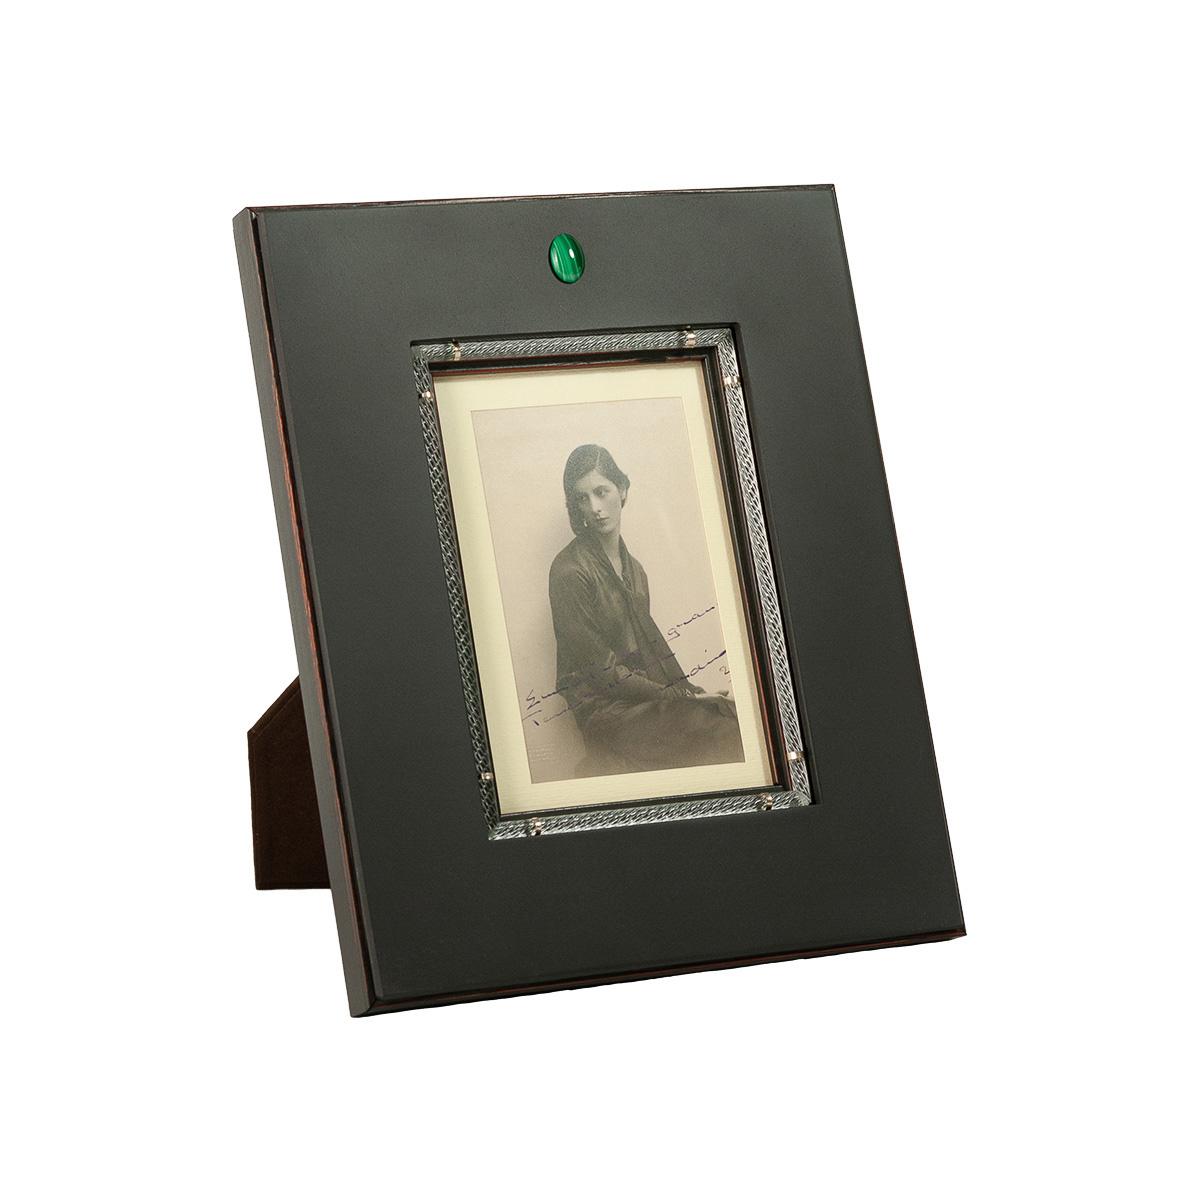 ardesia-malachite-frame-design-giberto-luxury